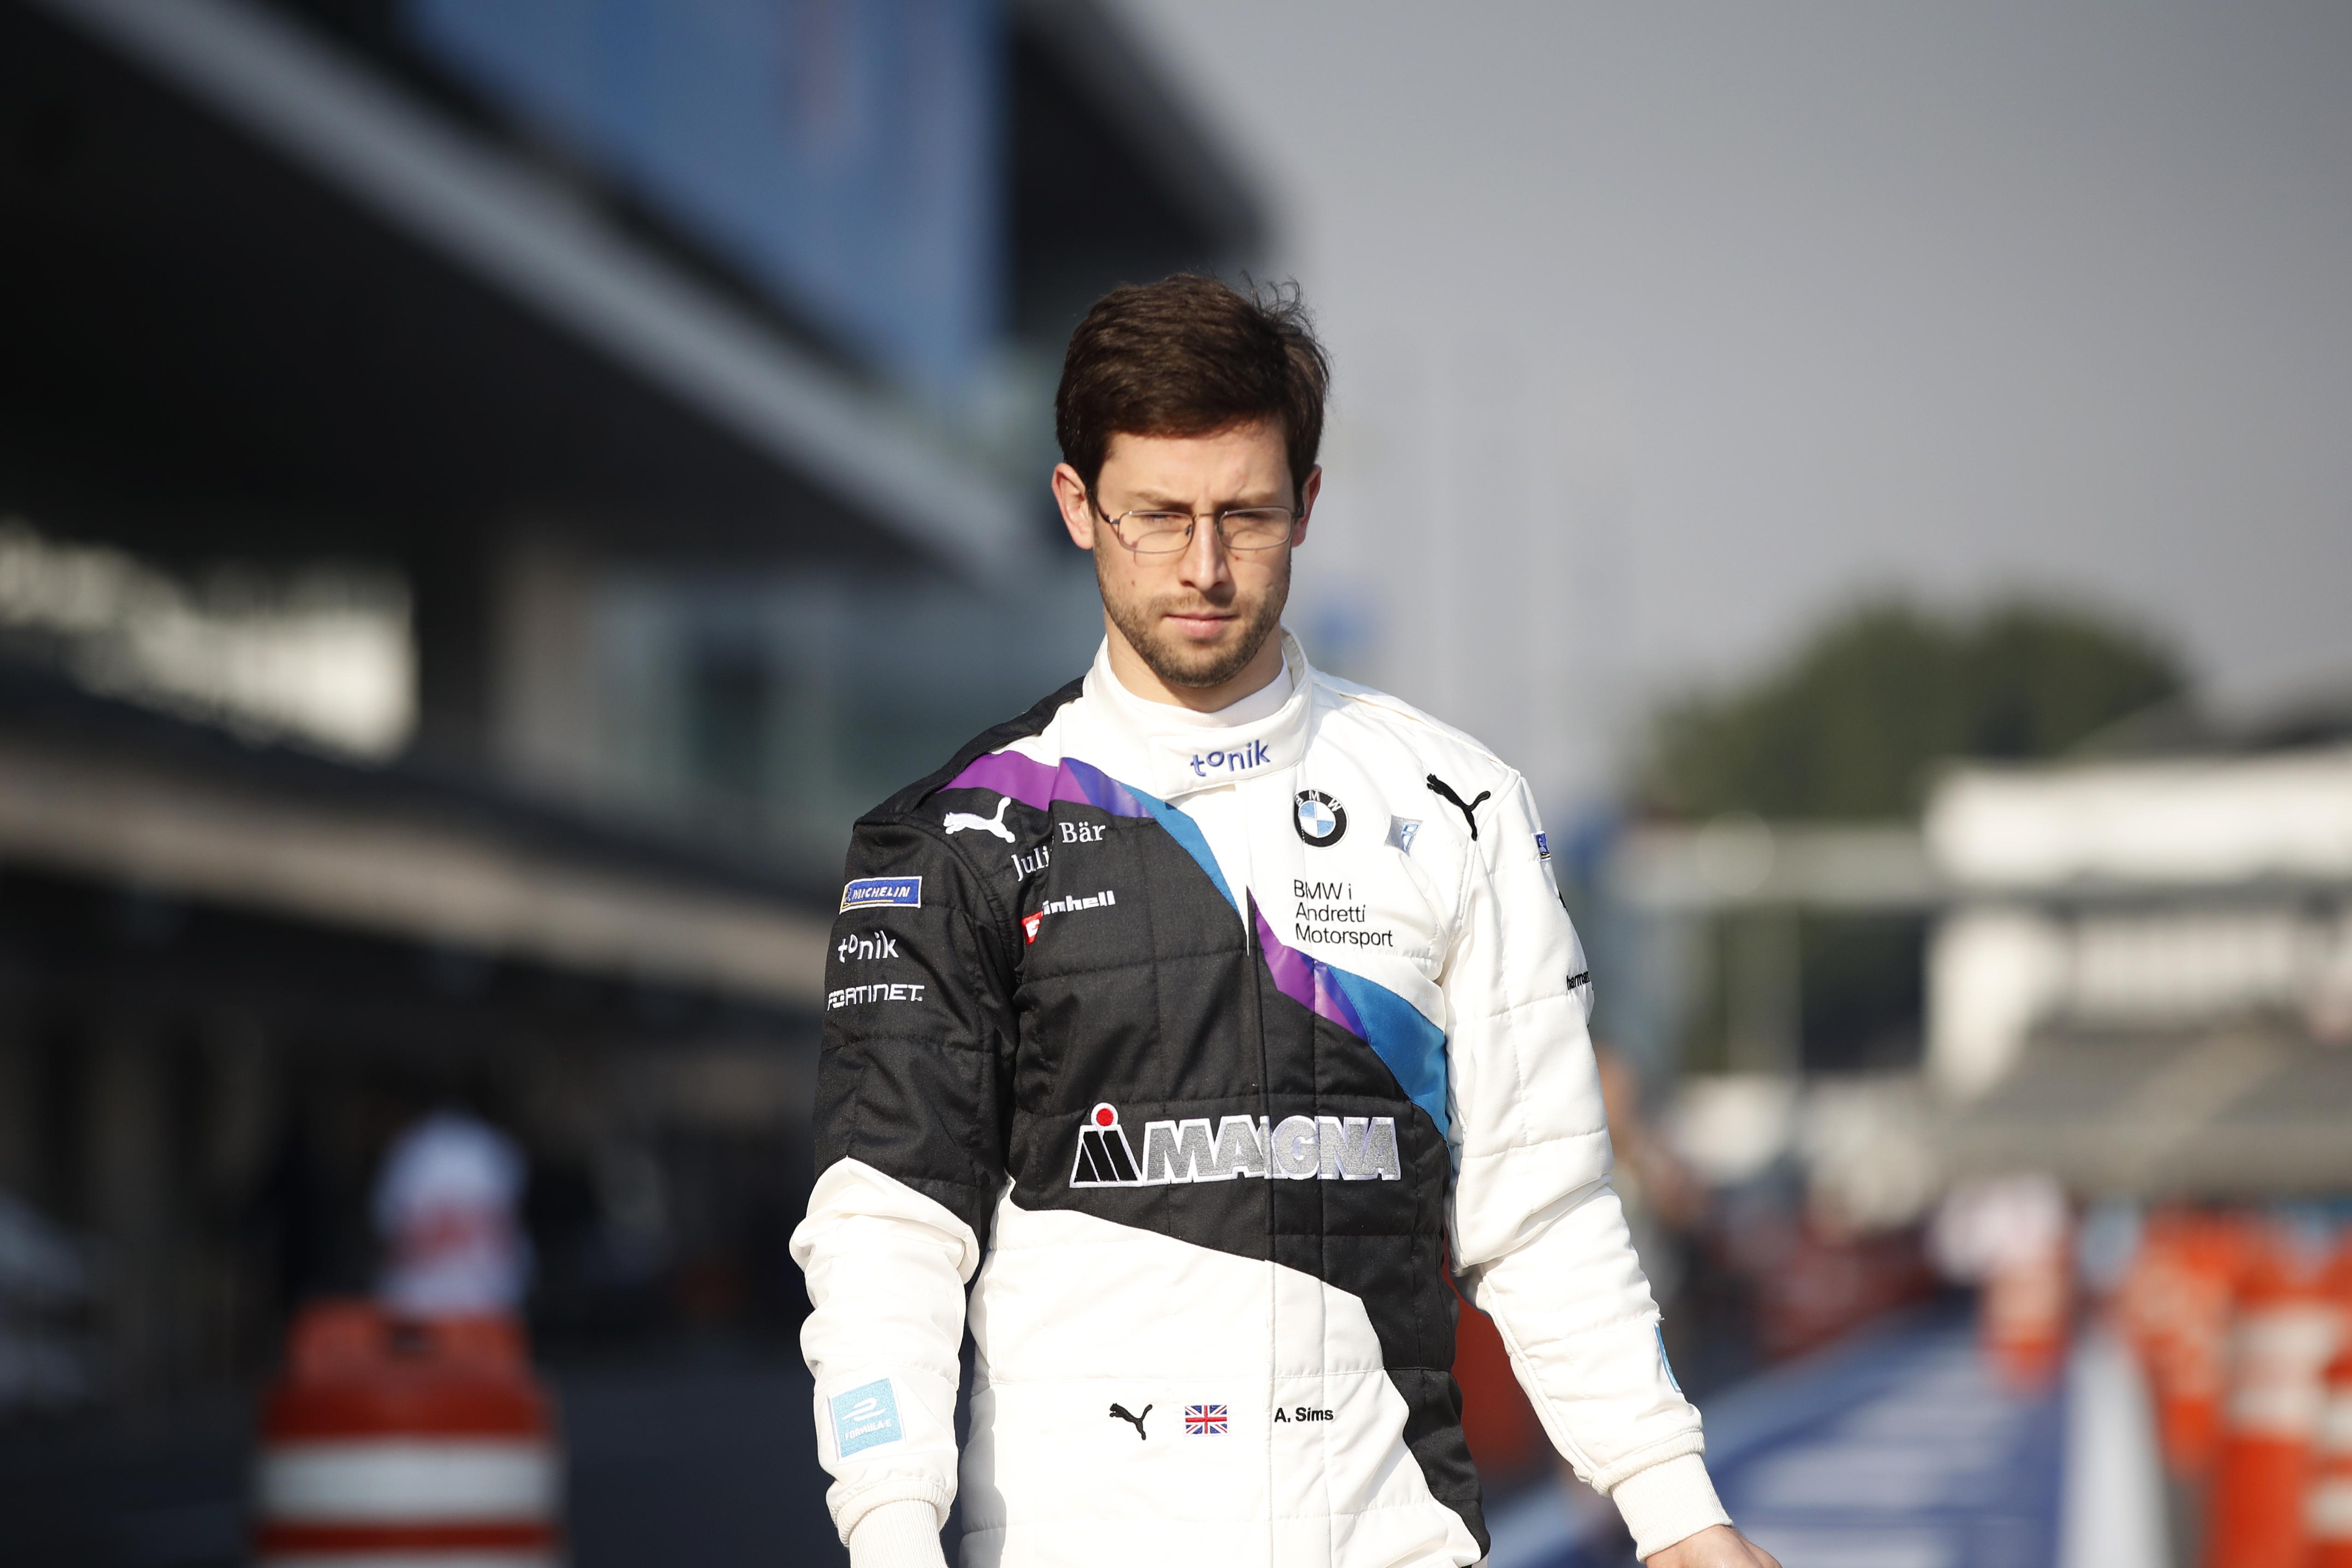 Sims explains his race and last lap retirement